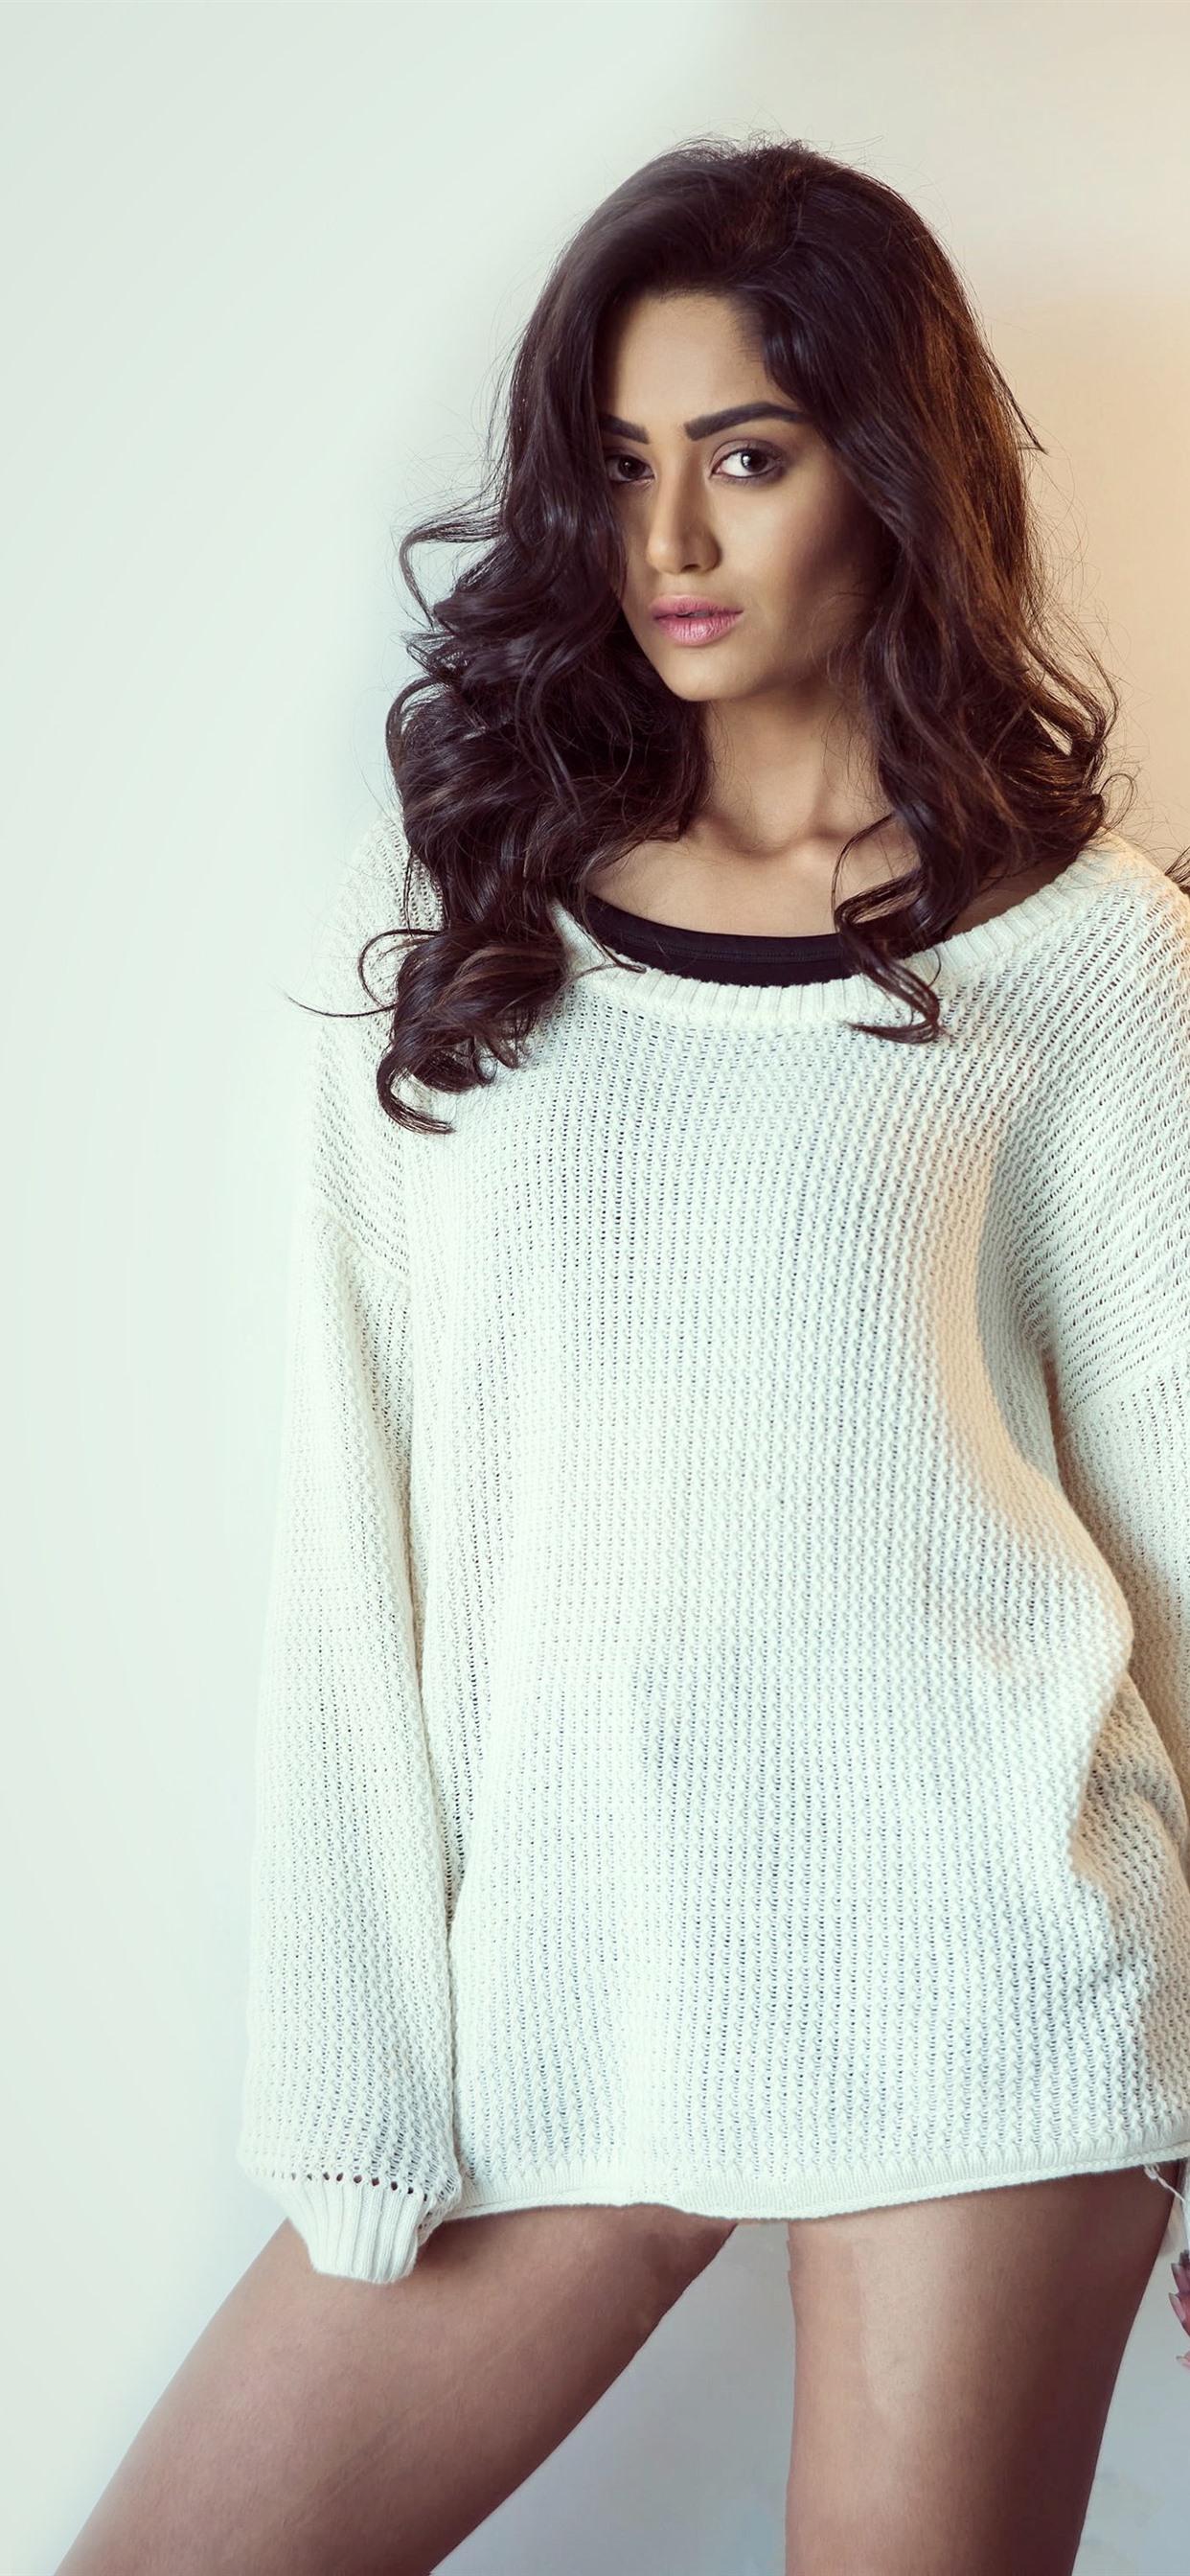 巻き毛の女の子 白いセーター セクシー 1242x26 Iphone 11 Pro Xs Max 壁紙 背景 画像